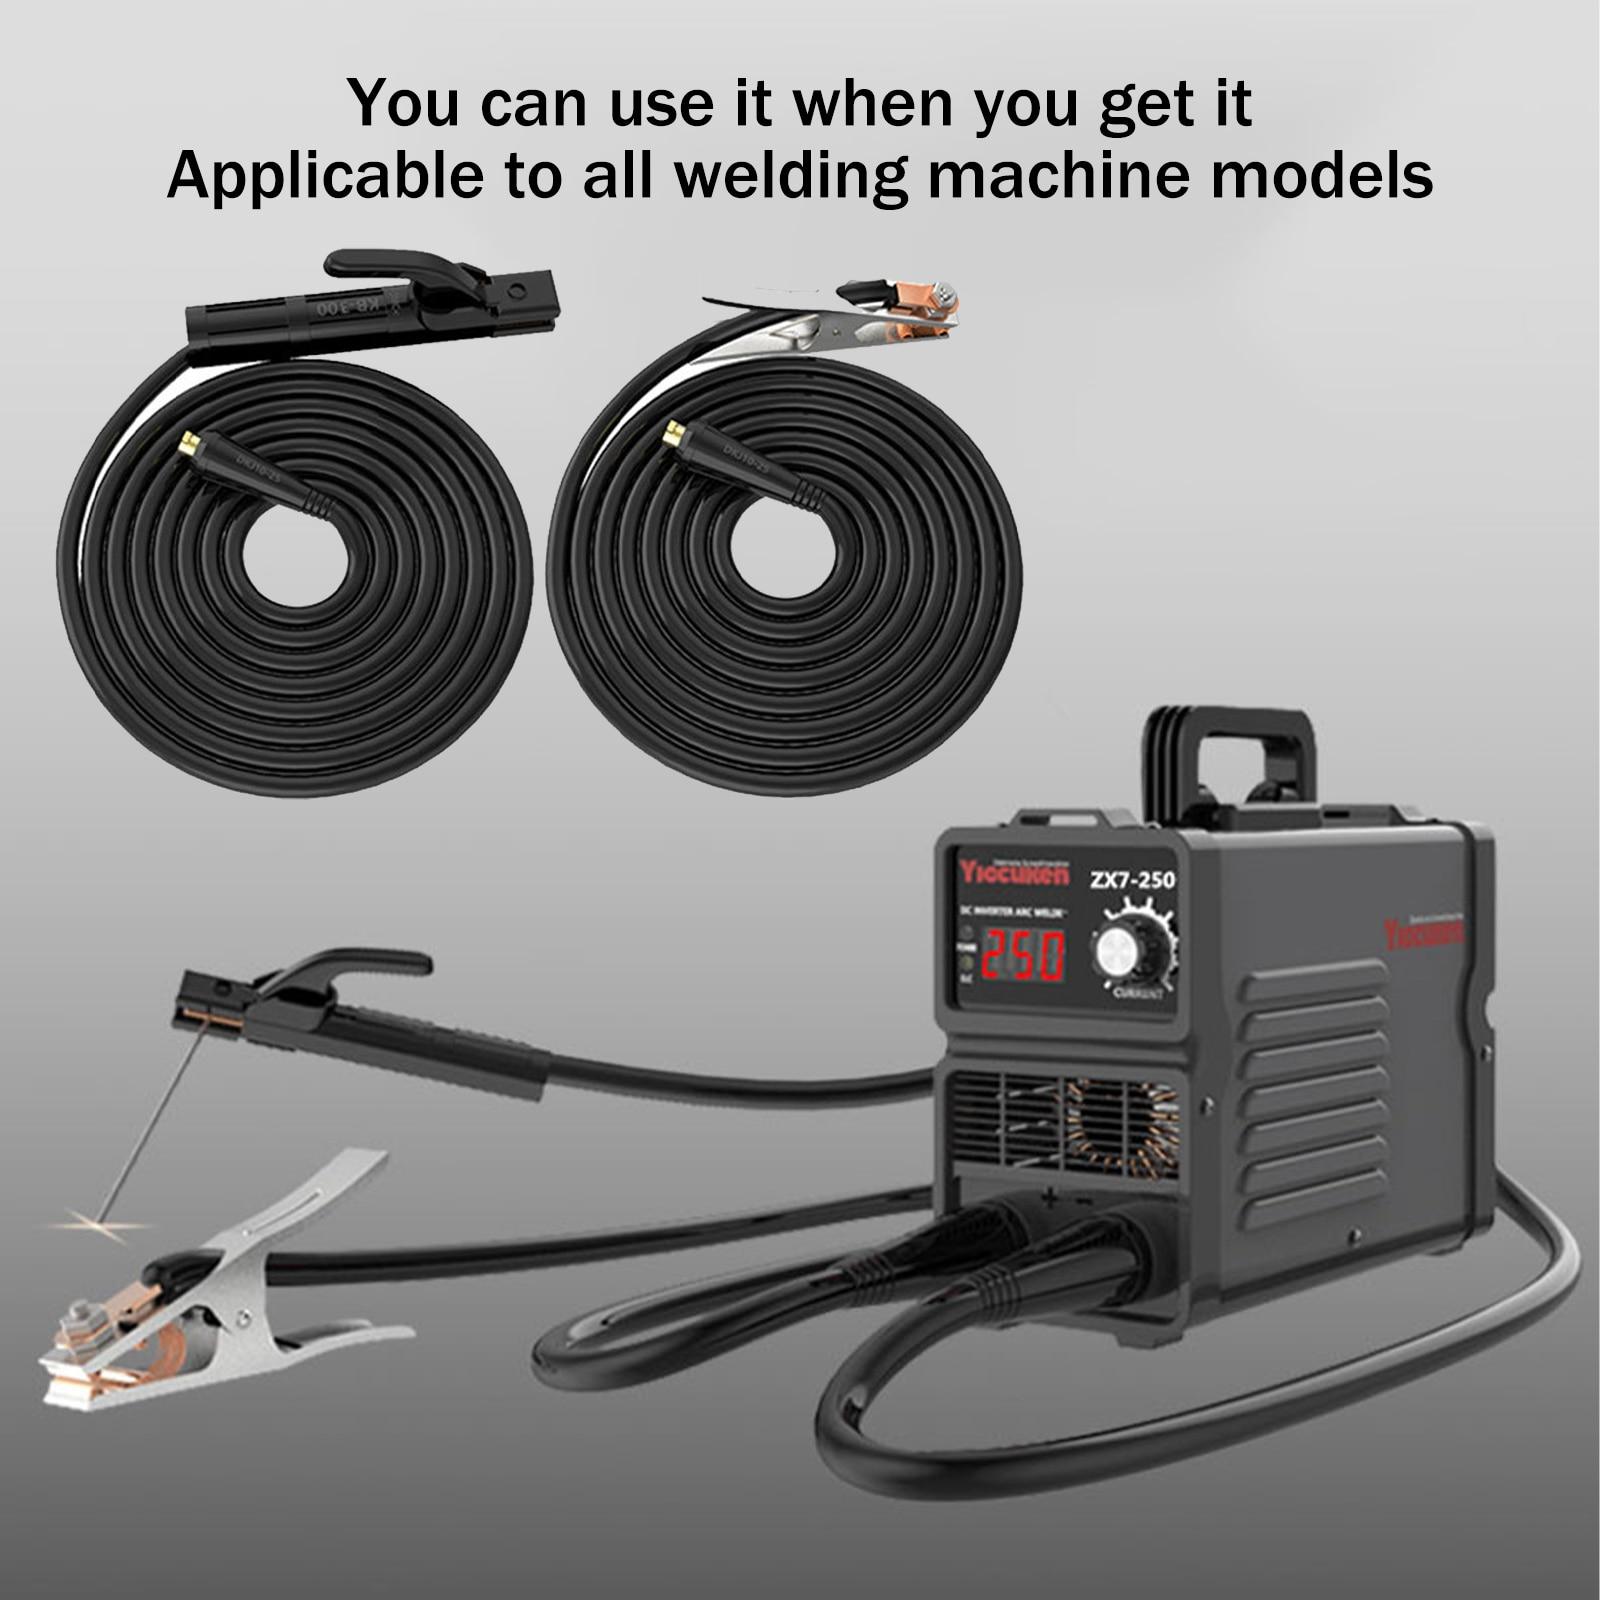 Профессиональный заземляющий сварочный зажим 200A, подходит для дуговой сварочной машины Mig Tig, кабель 1,5 м, разъем 10-25